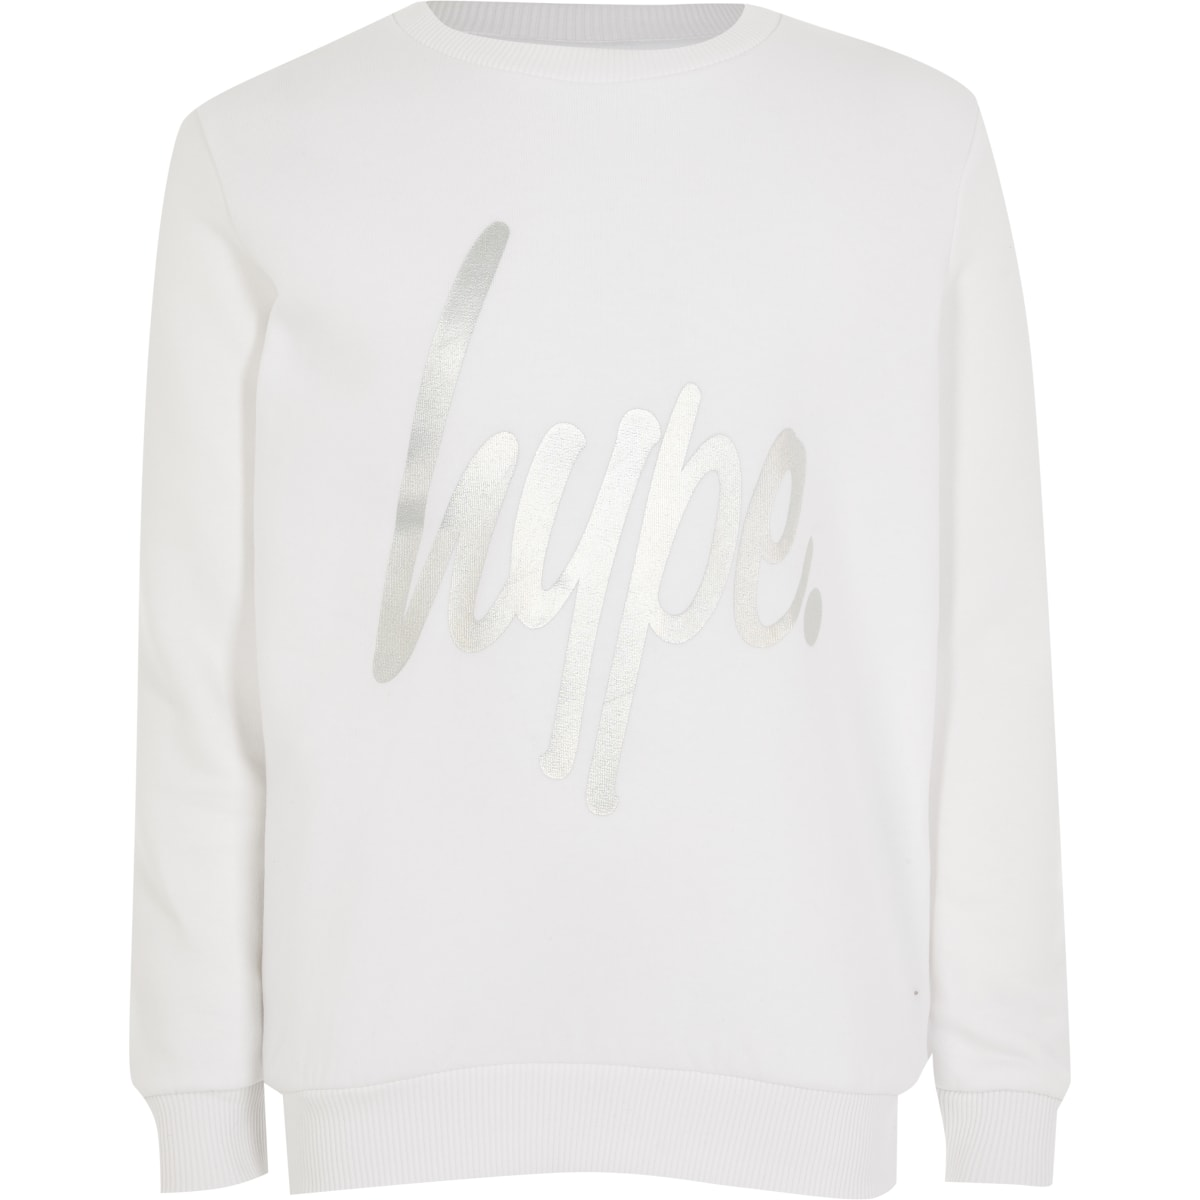 Hype - Witte sweater met folieprint voor meisjes